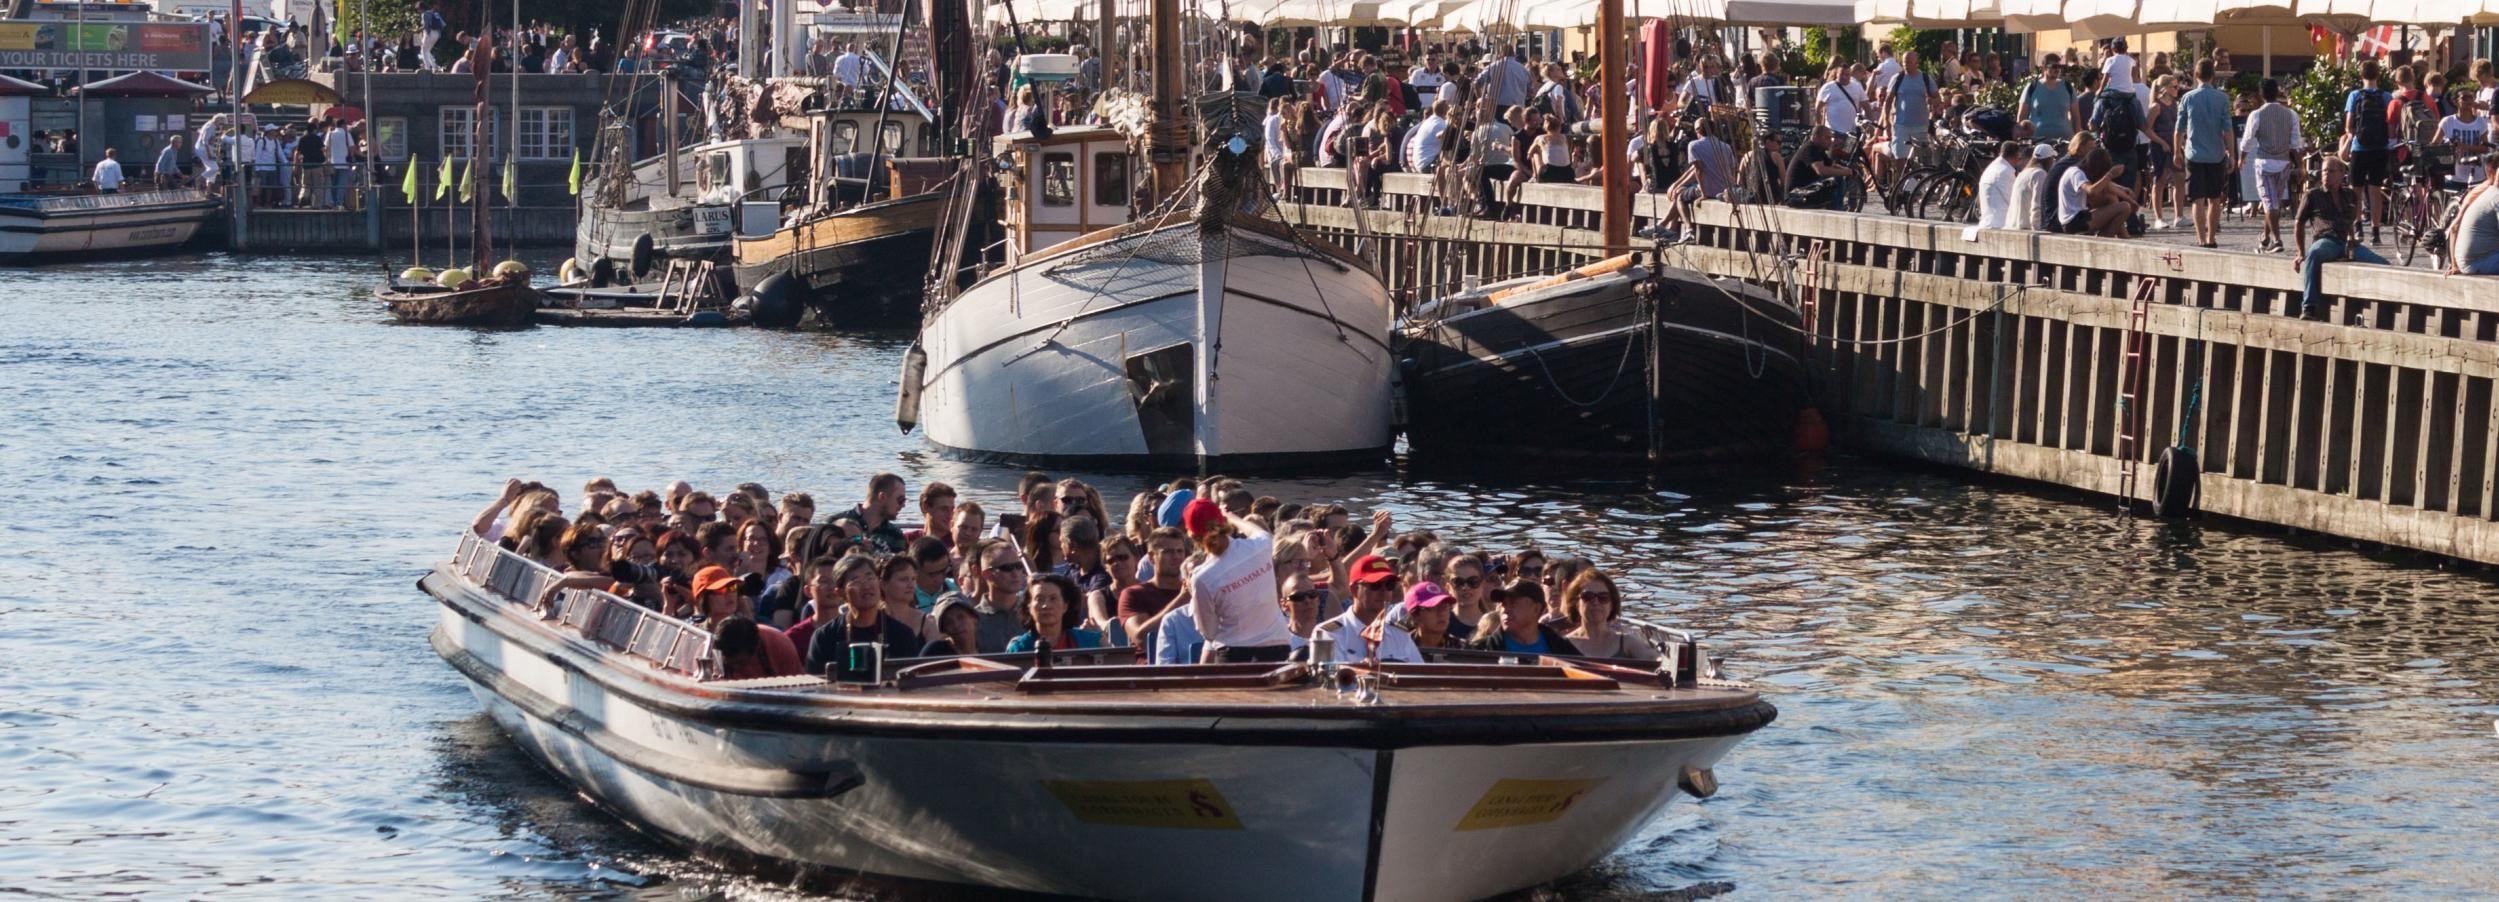 Copenaghen: crociera sui canali da Ved Stranden o Nyhavn